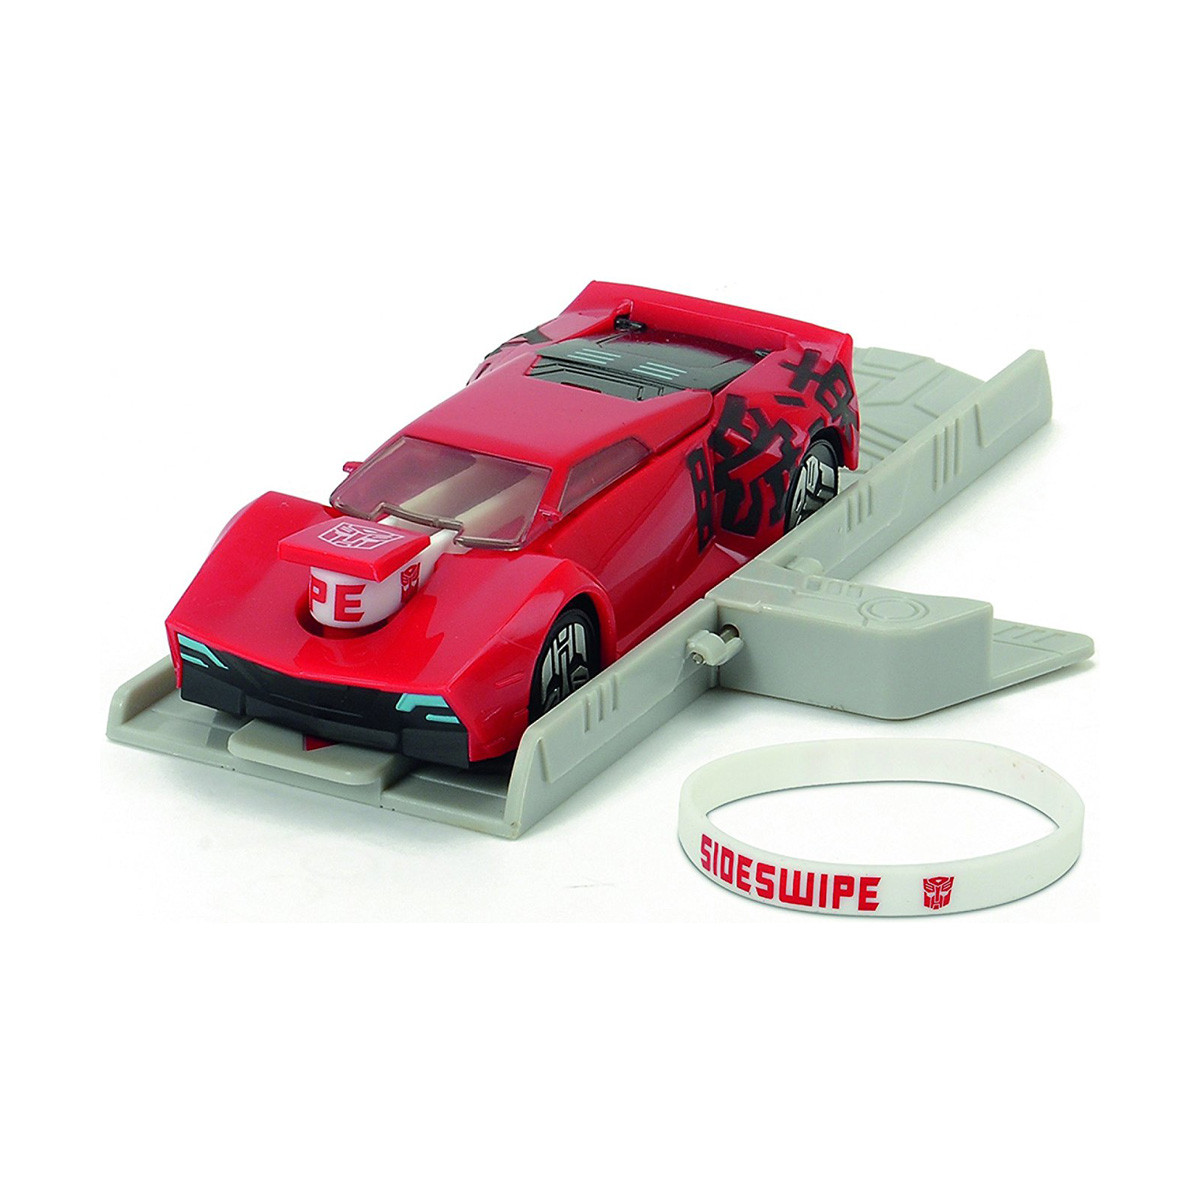 Автомобіль-Трансформер. Місія Сайдсвайп з пусковий платформою, 11 см «Dickie Toys» (3112002)